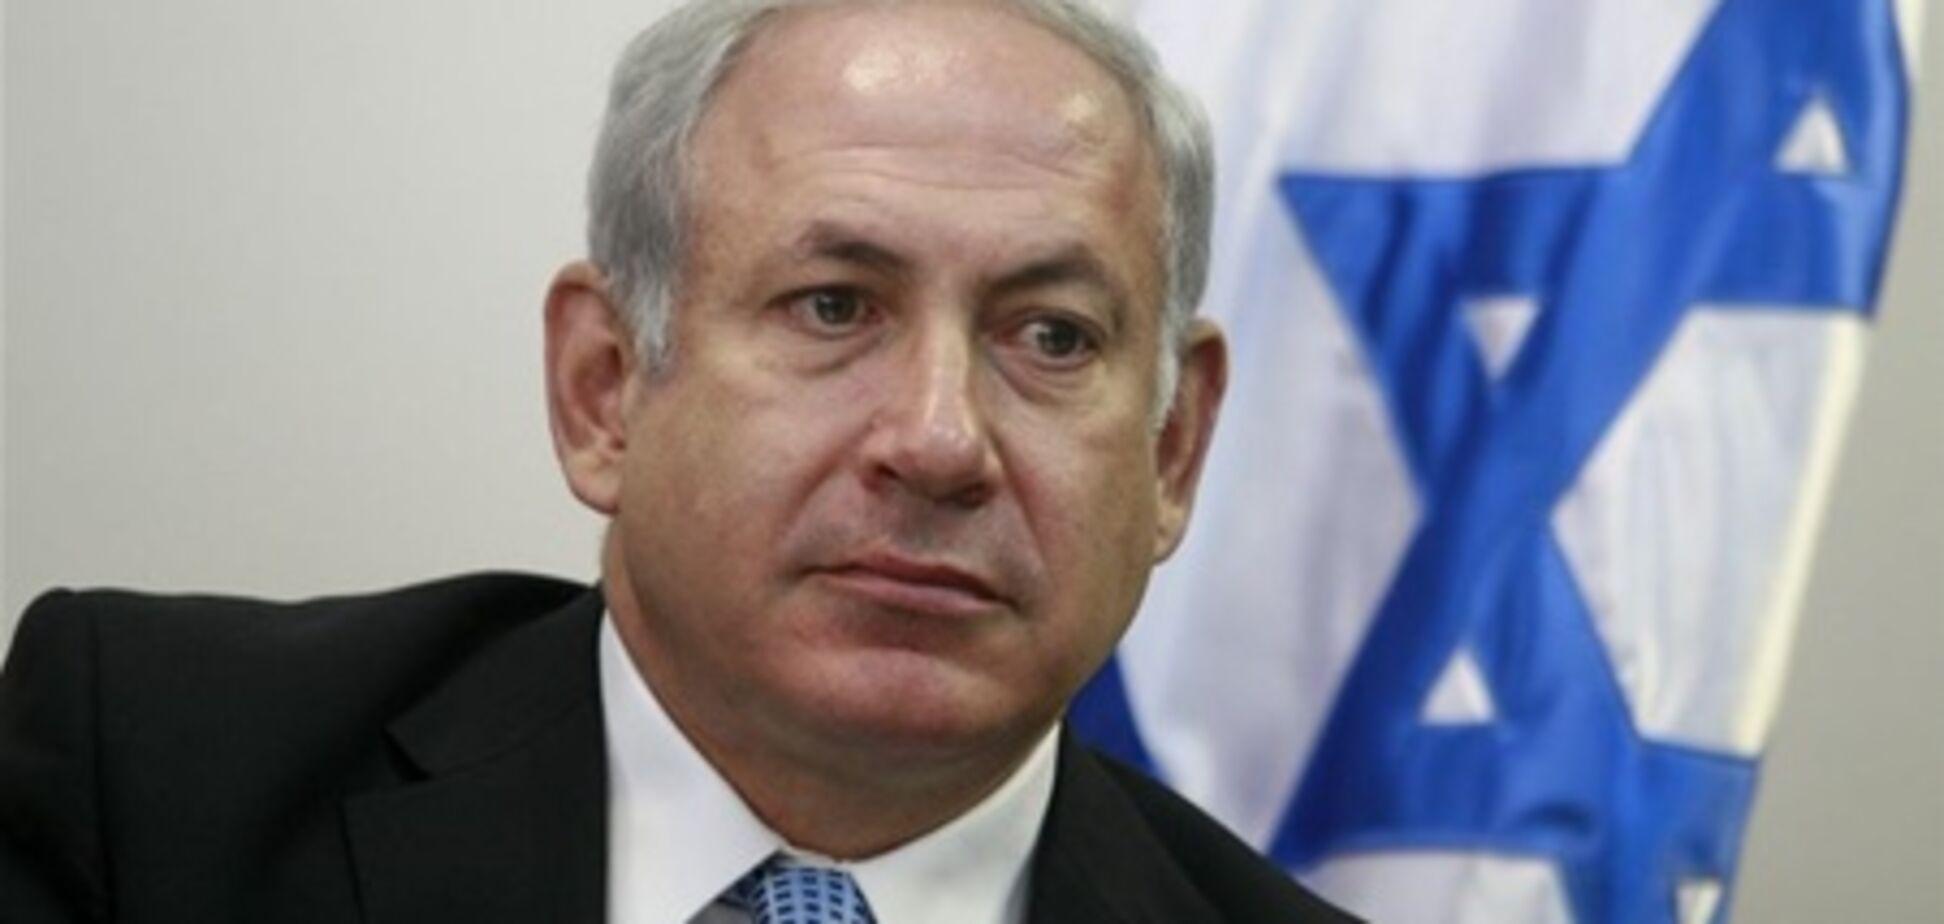 Израиль призвал Палестину незамедлительно начать переговоры